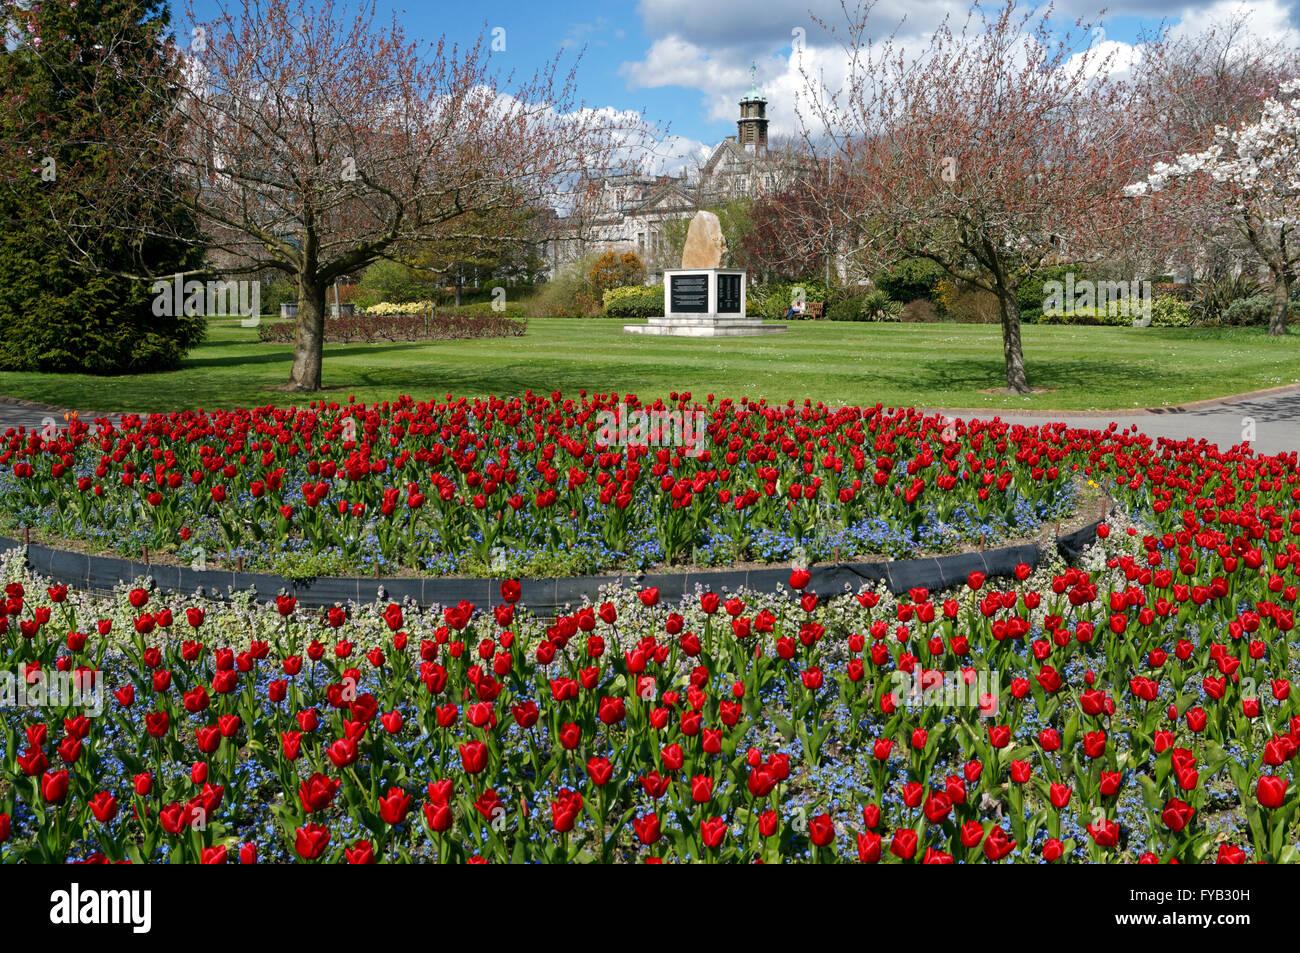 Falklands Gardens Stock Photos & Falklands Gardens Stock Images - Alamy